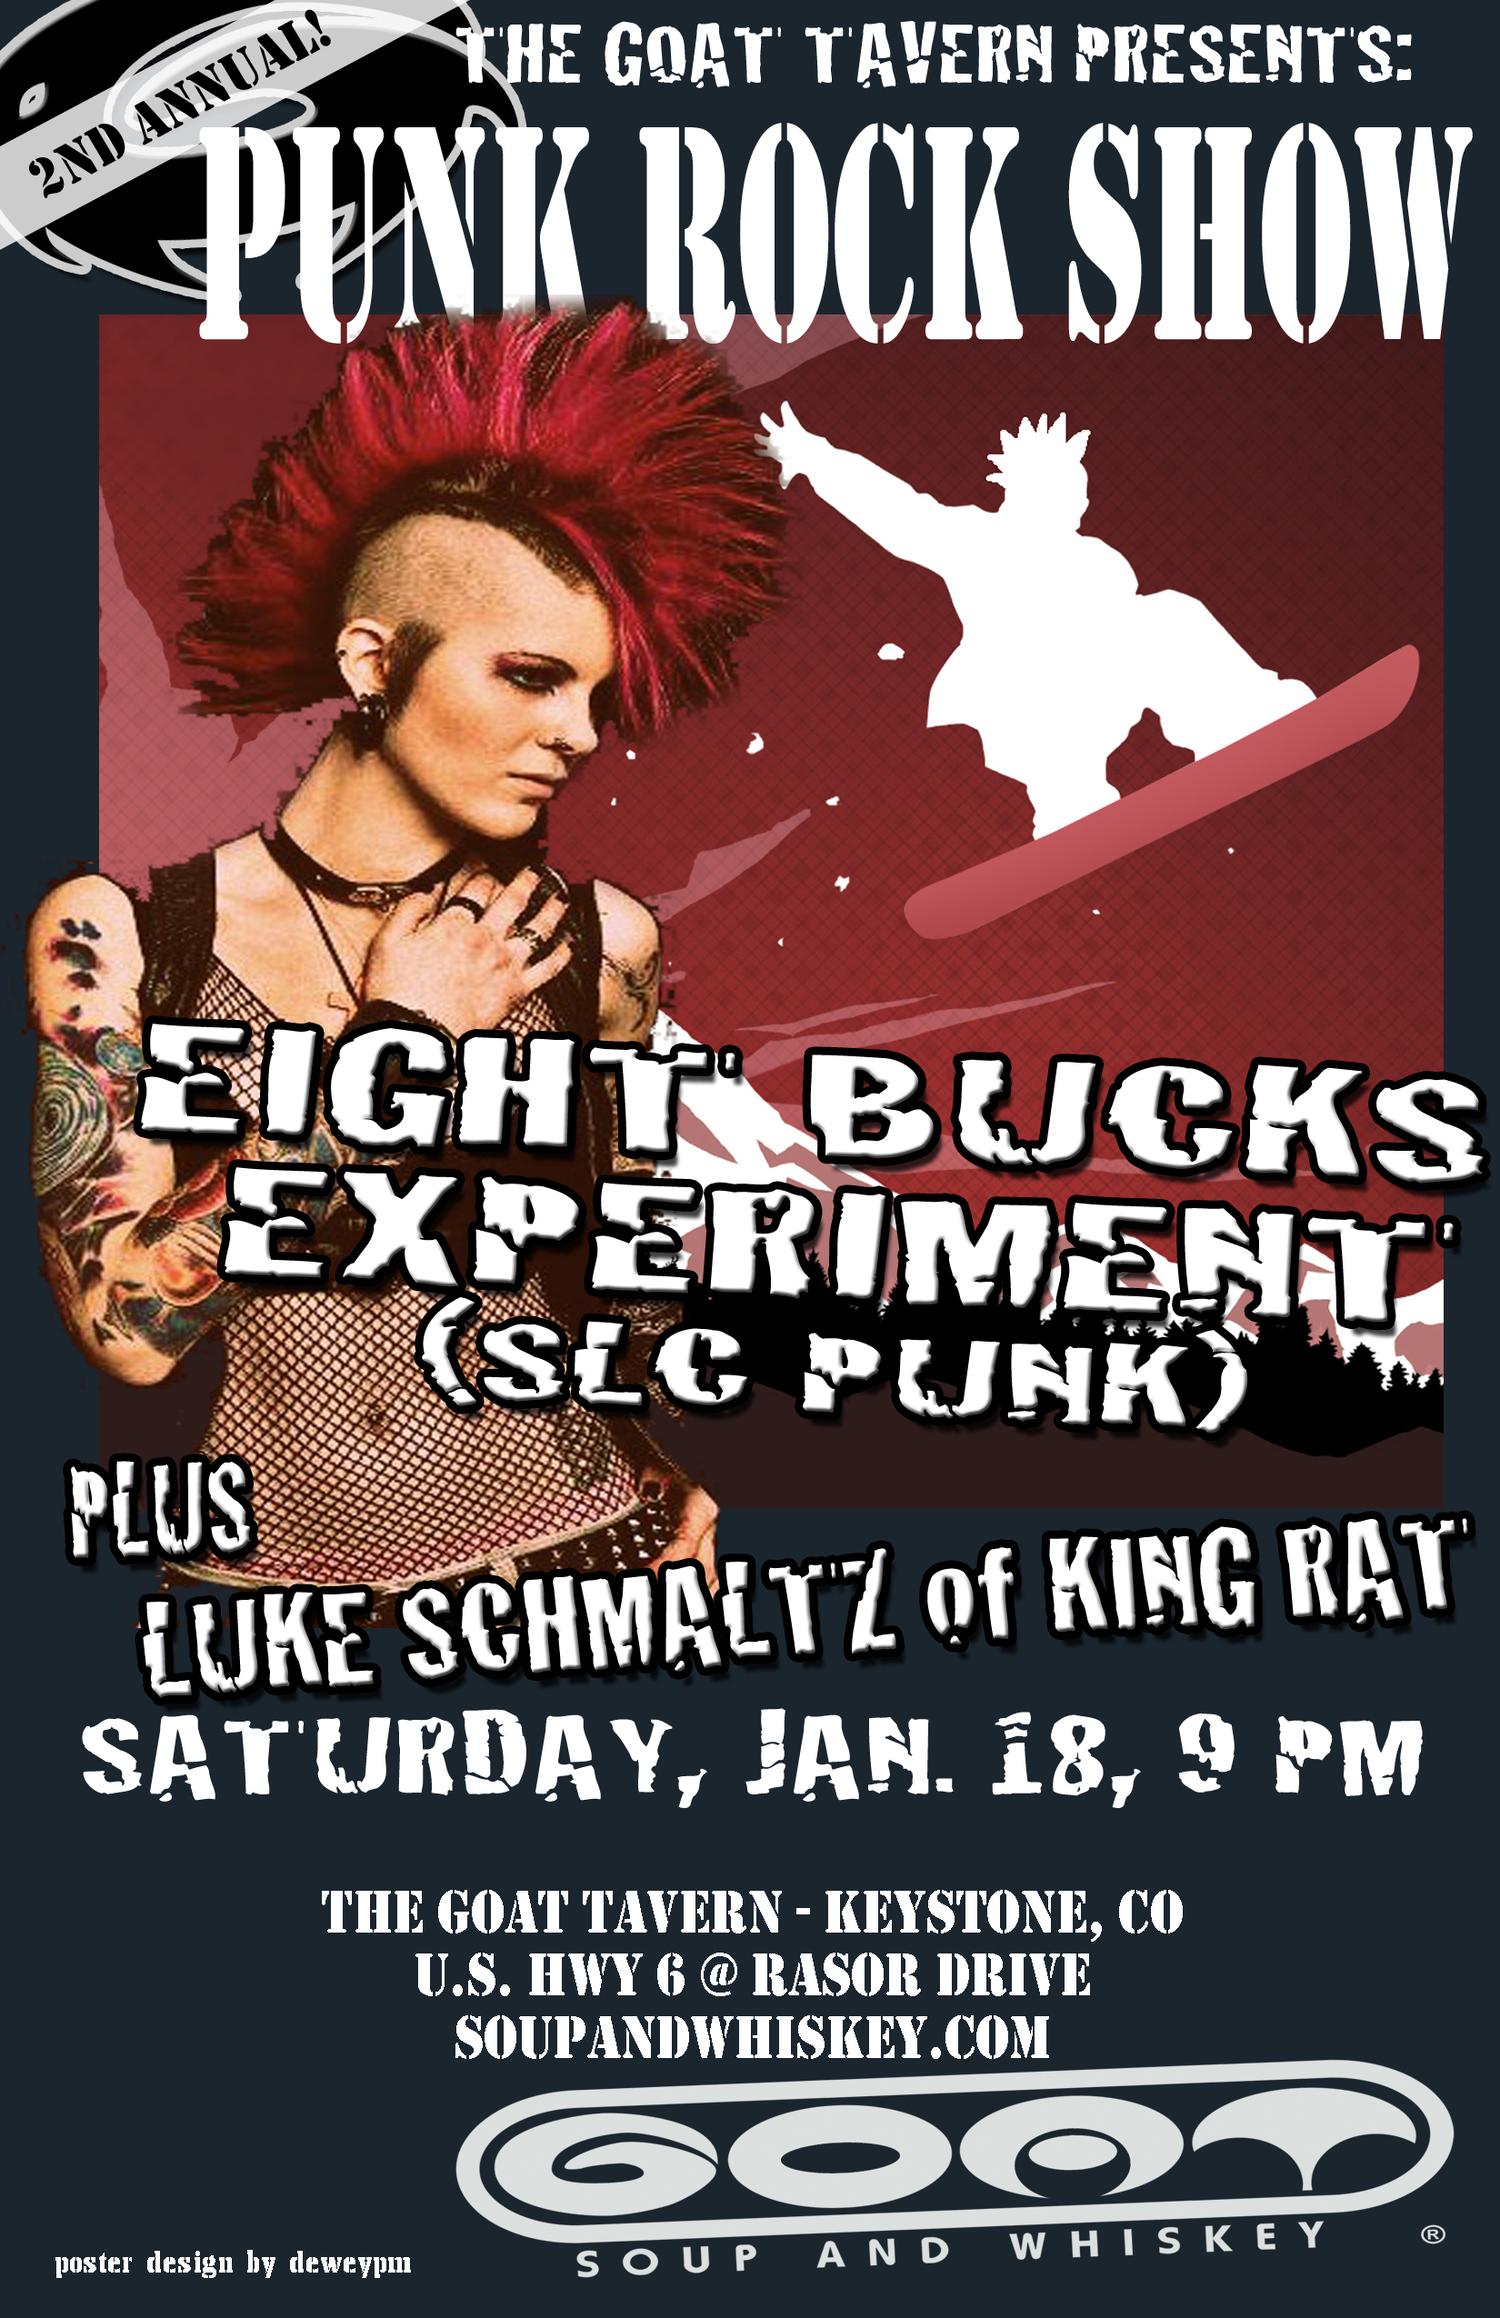 b3eb7601eac0 Punk Rock Night w  8 Bux Exp (SLC Punk)   Luke Schmaltz (King Rat ...